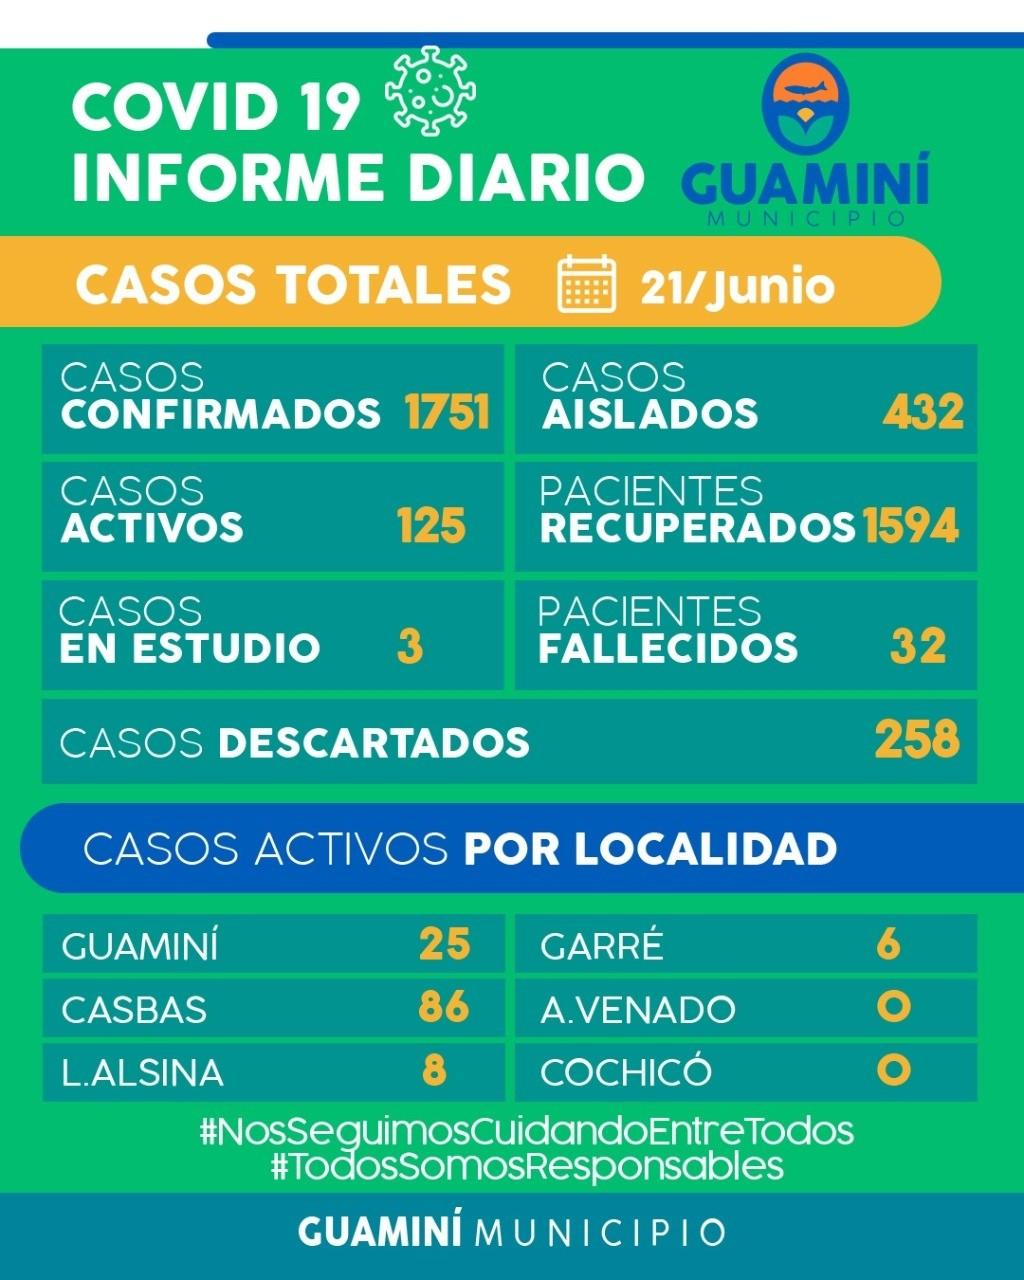 CORONAVIRUS: INFORME DIARIO DE SITUACIÓN A NIVEL NACIONAL Y LOCAL  - 21 DE JUNIO -